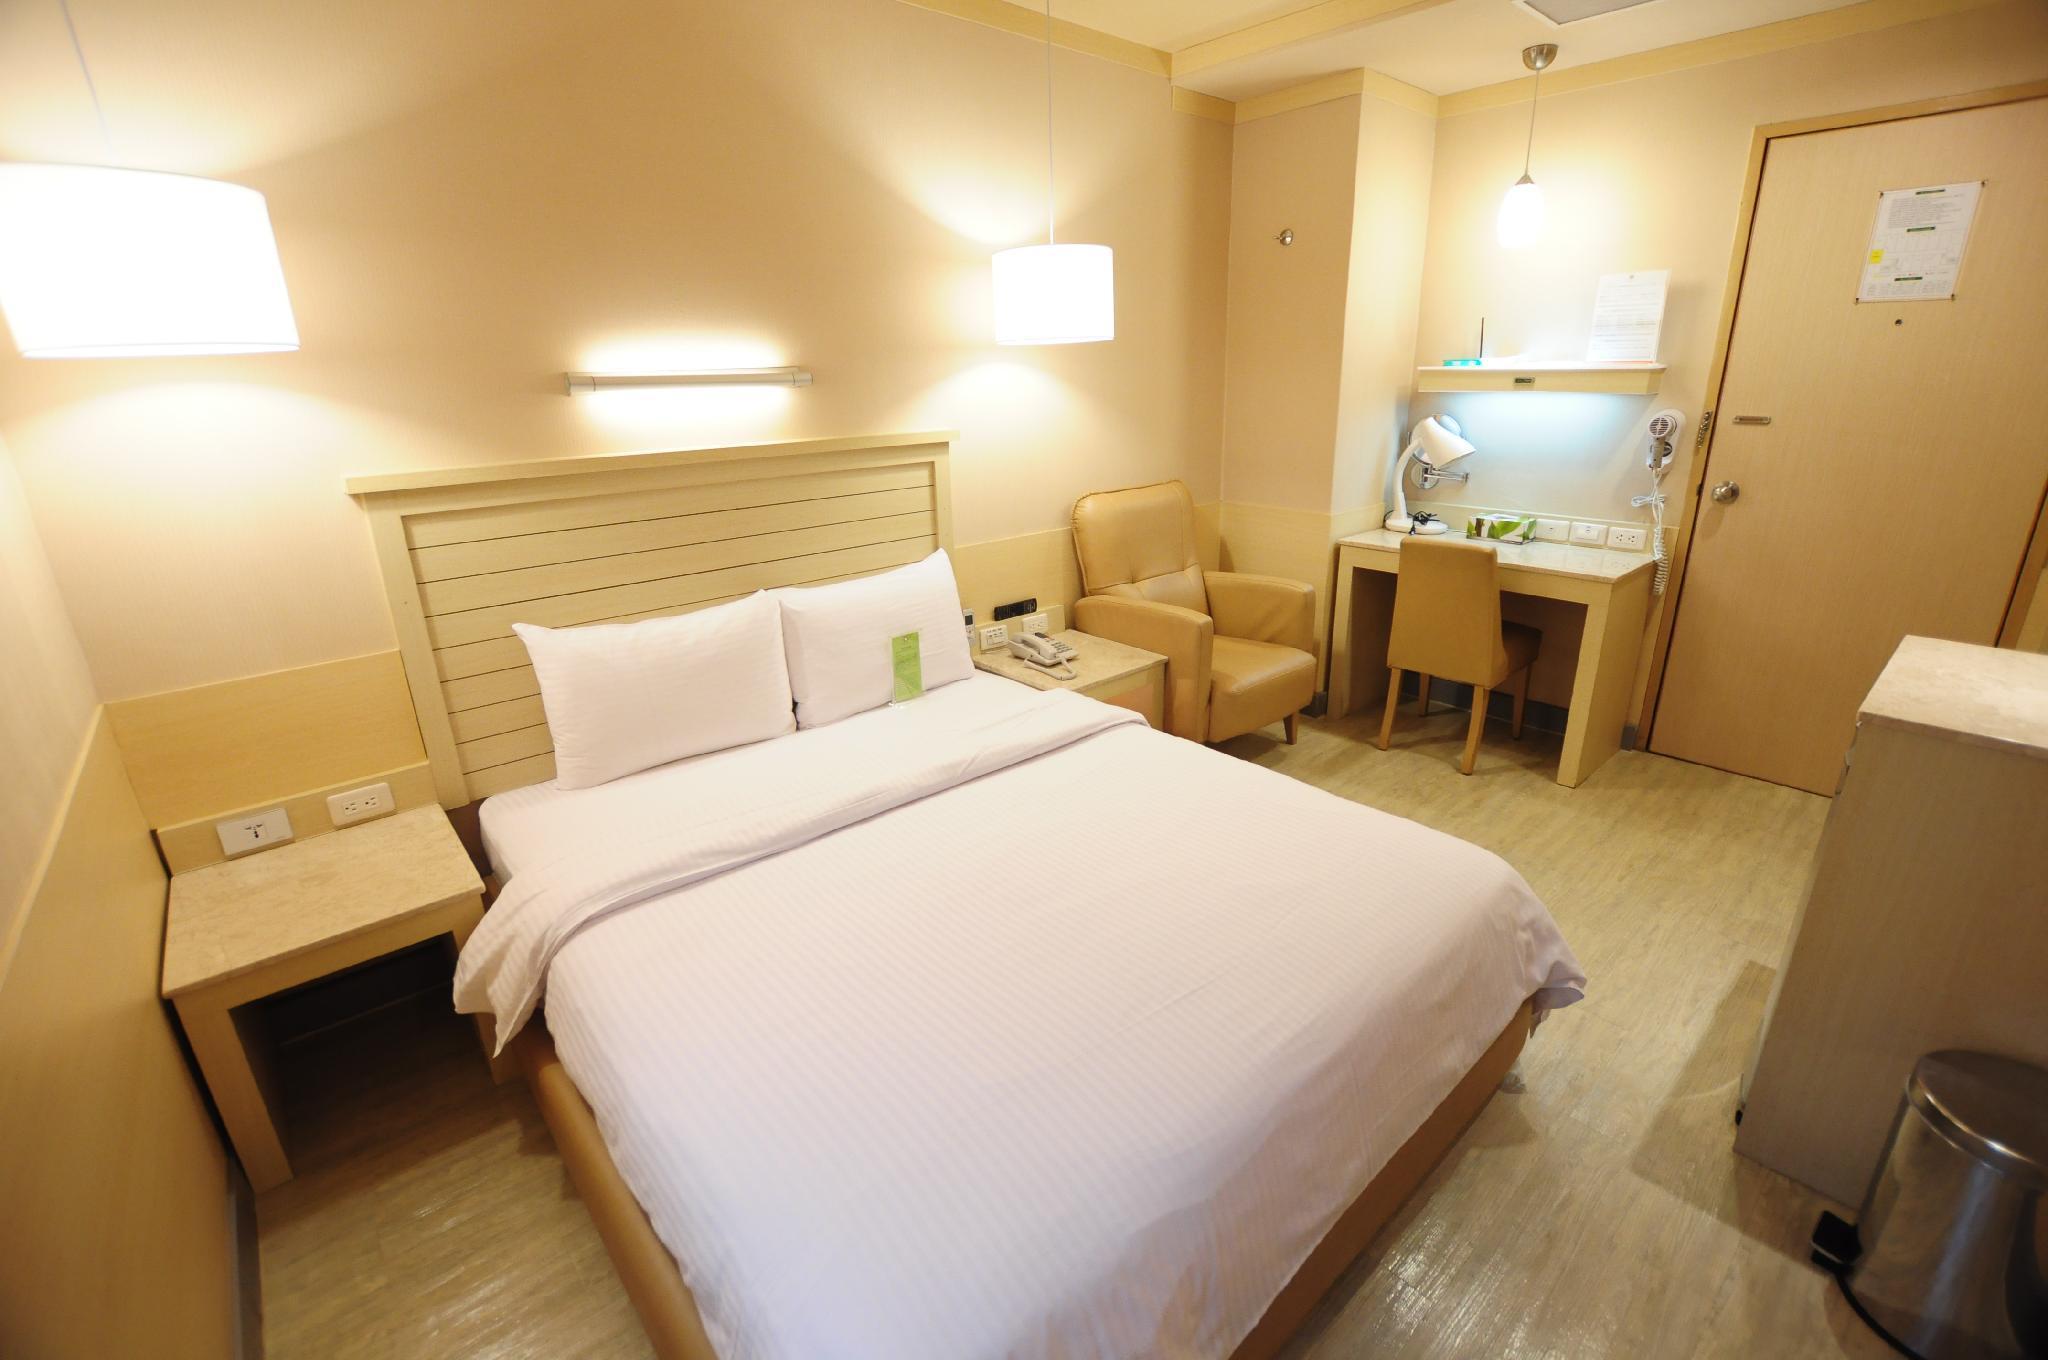 高雄市康橋商旅 - 六合夜市中正館 (Kindness Hotel Jhong Jheng) - Agoda 提供行程前一刻網上即時優惠價格訂房服務